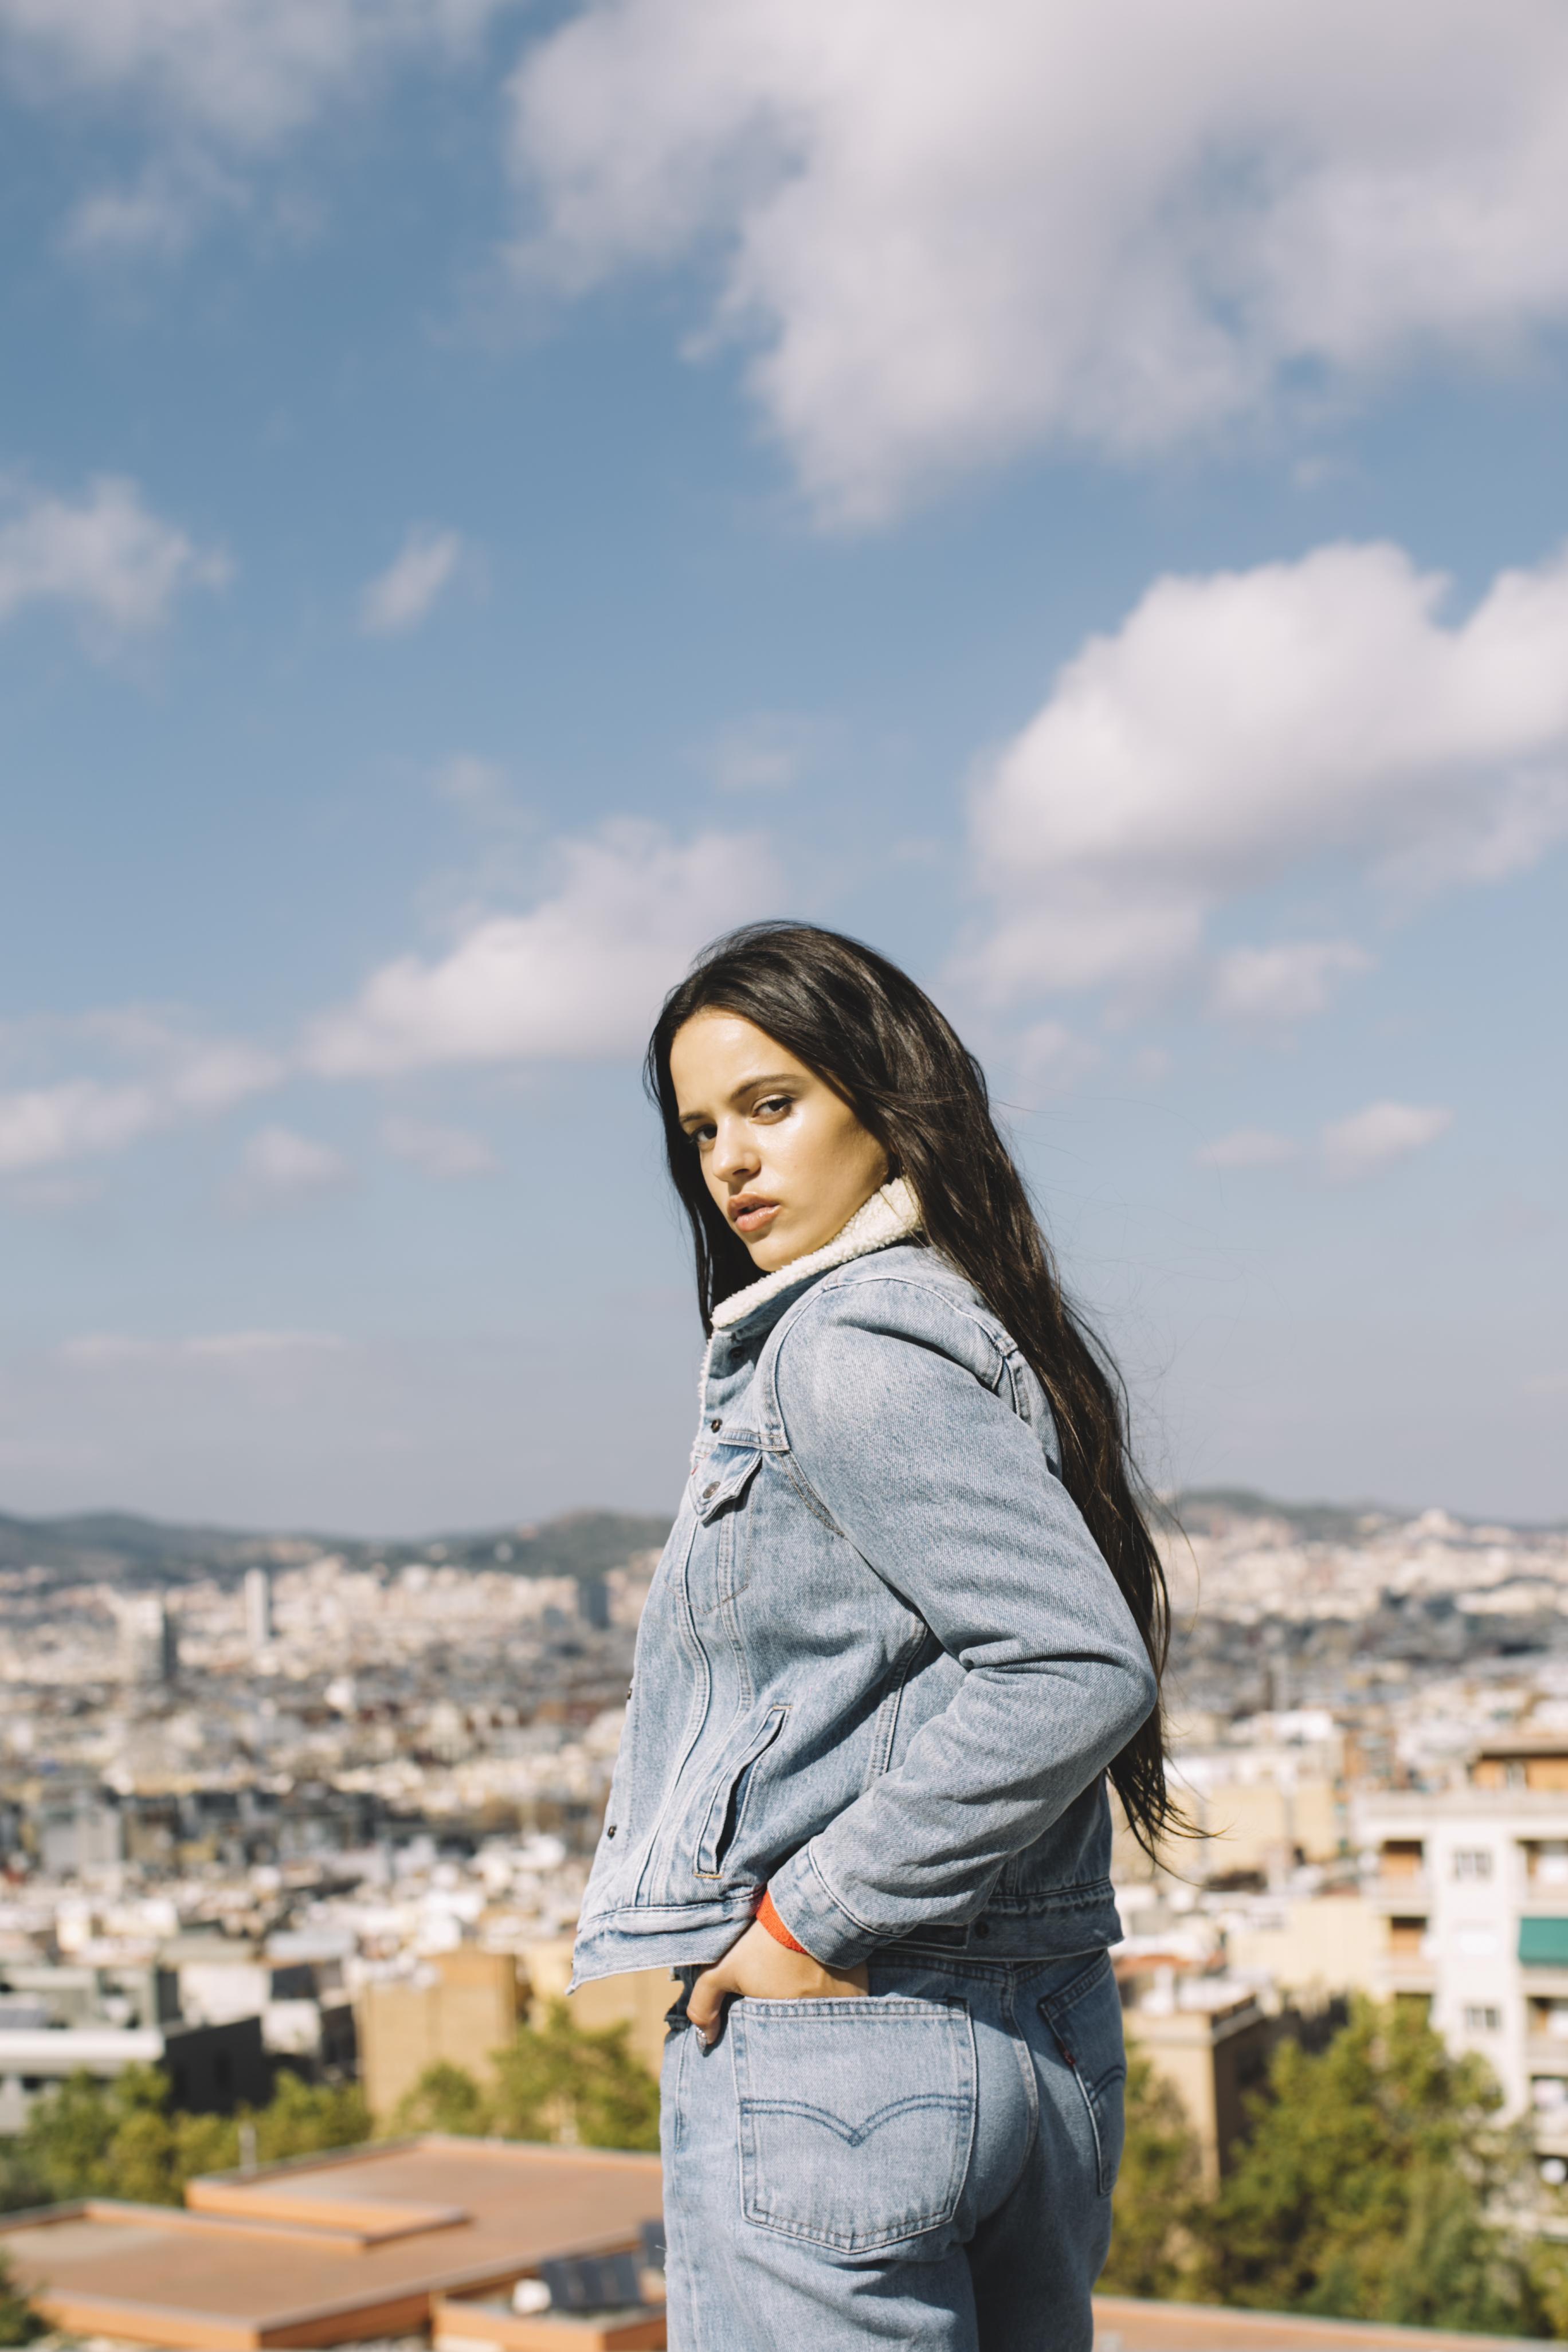 El ambicioso proyecto musical de Levi's y Rosalía - image rosalia-levis-vanidad on https://www.vanidad.es